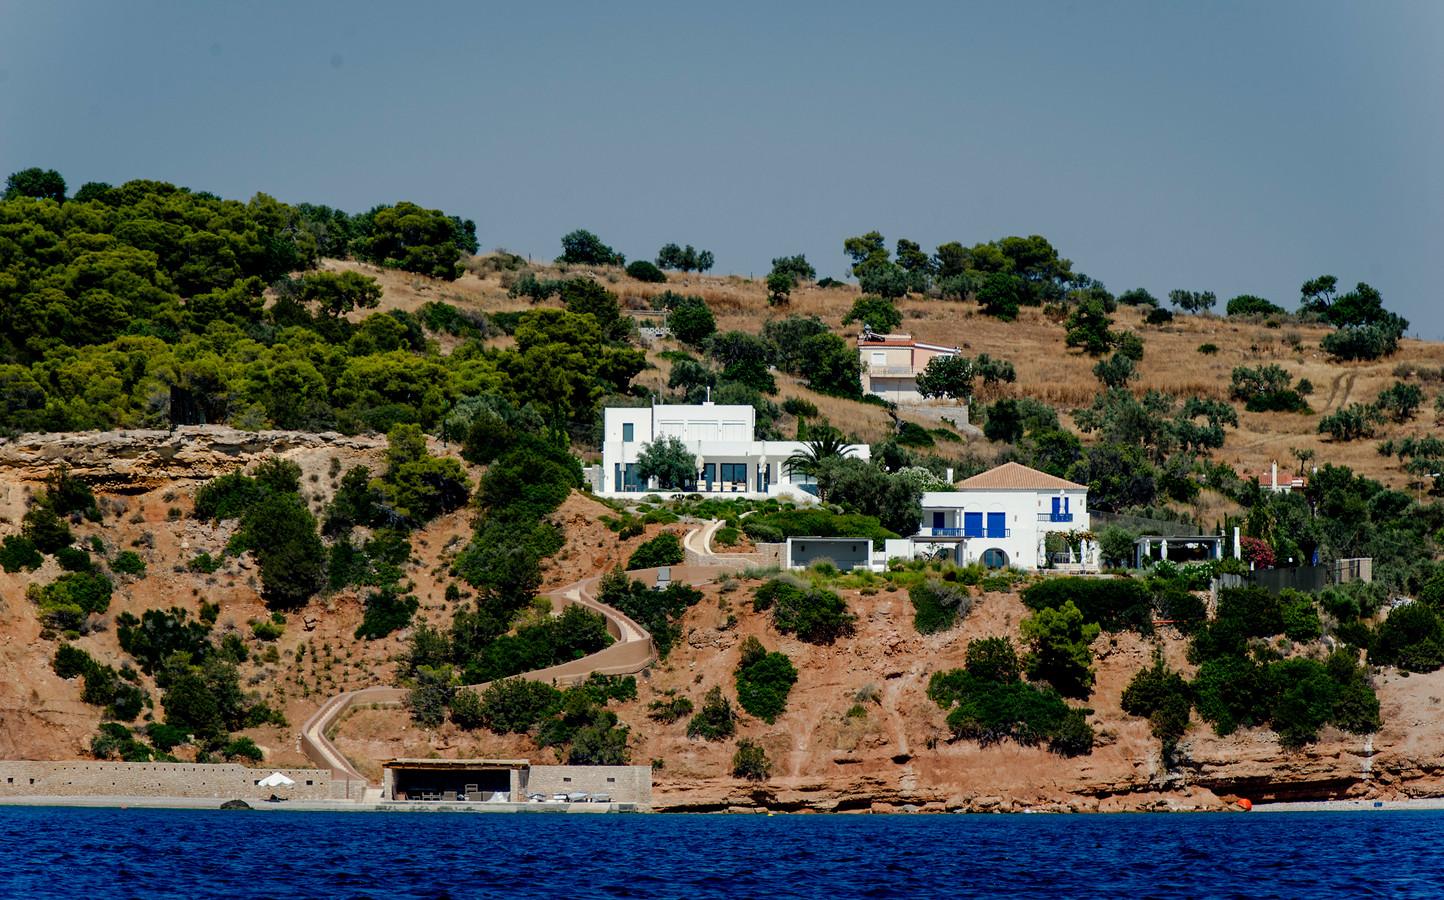 Het vakantiehuis van koning Willem-Alexander en koningin Maxima in de Zuid-Griekse plaats Kranidi.